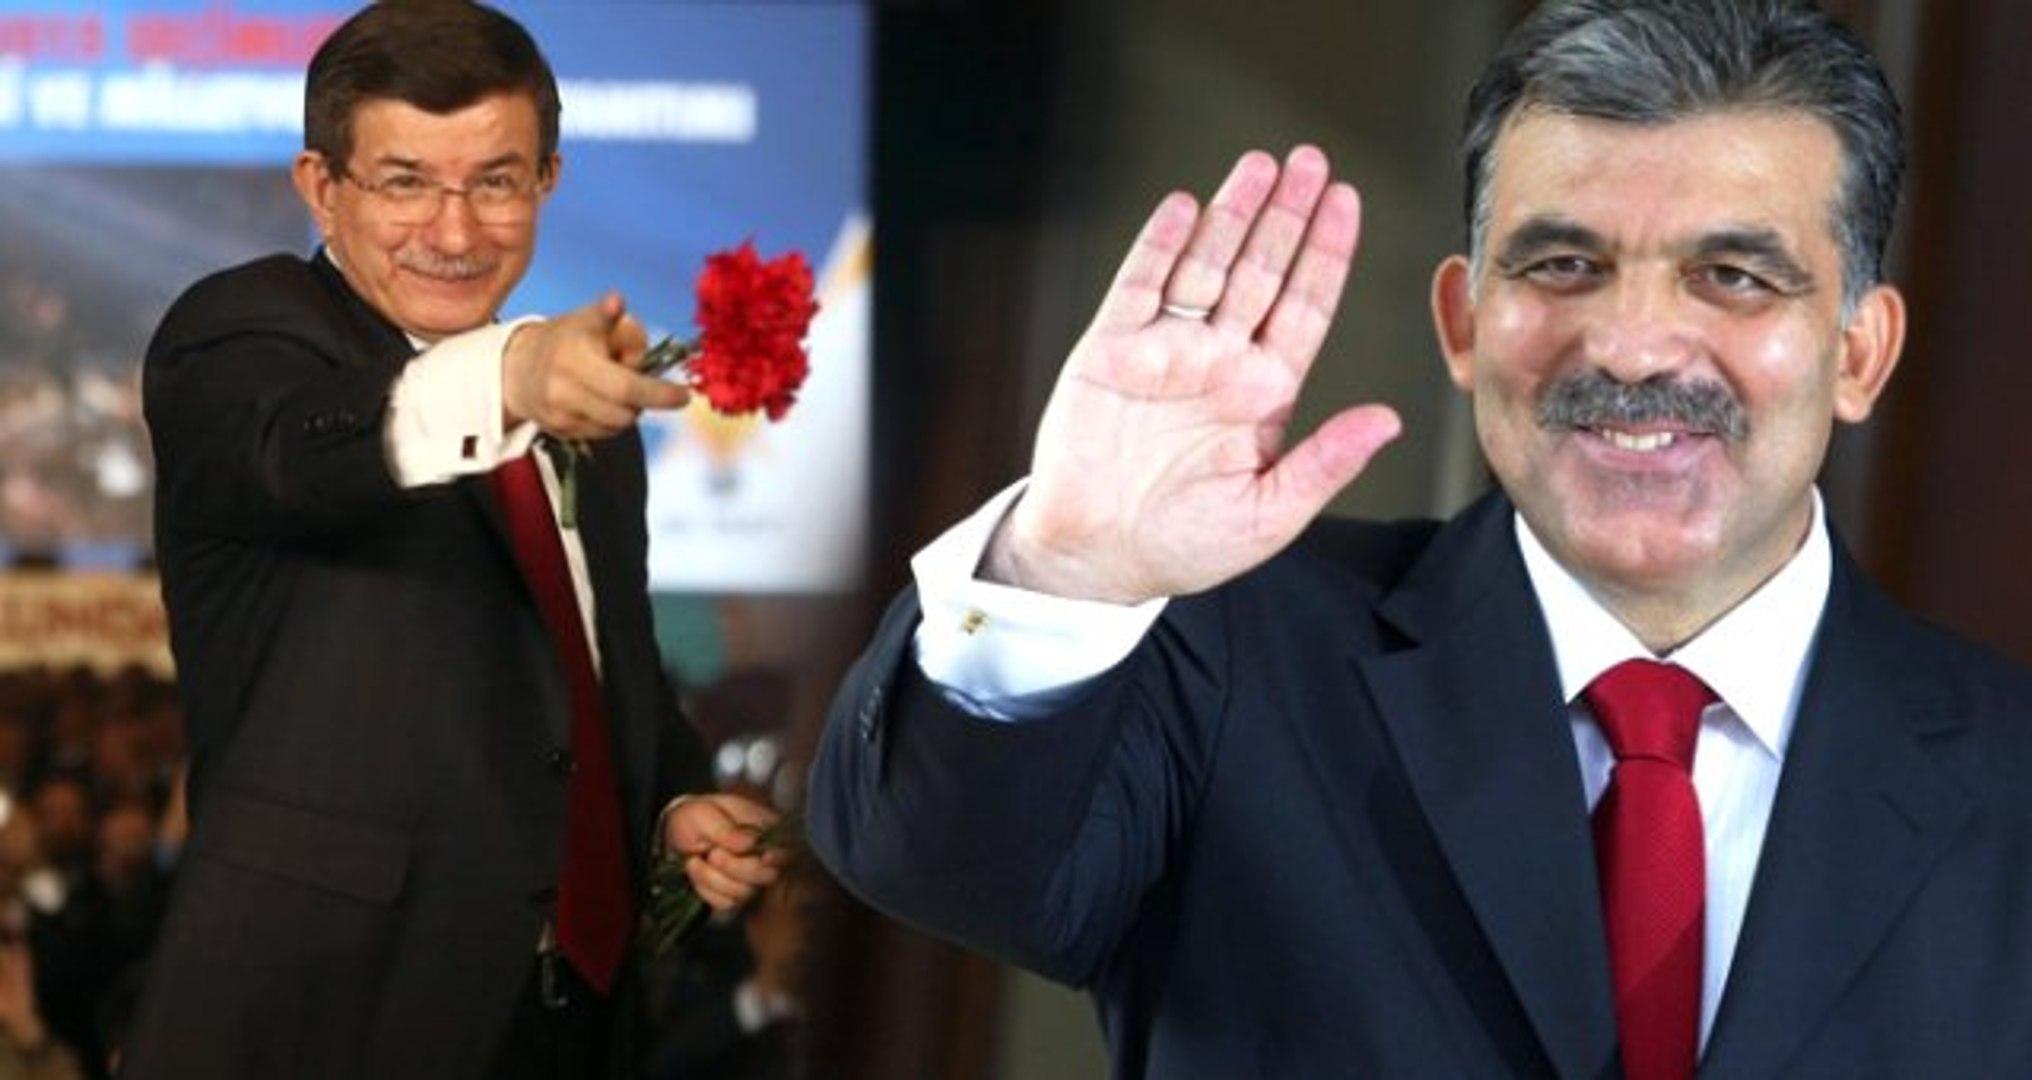 Gül ve Davutoğlu Önderliğinde Kurulacağı Söylenen Partiden Yeni Açıklama Geldi